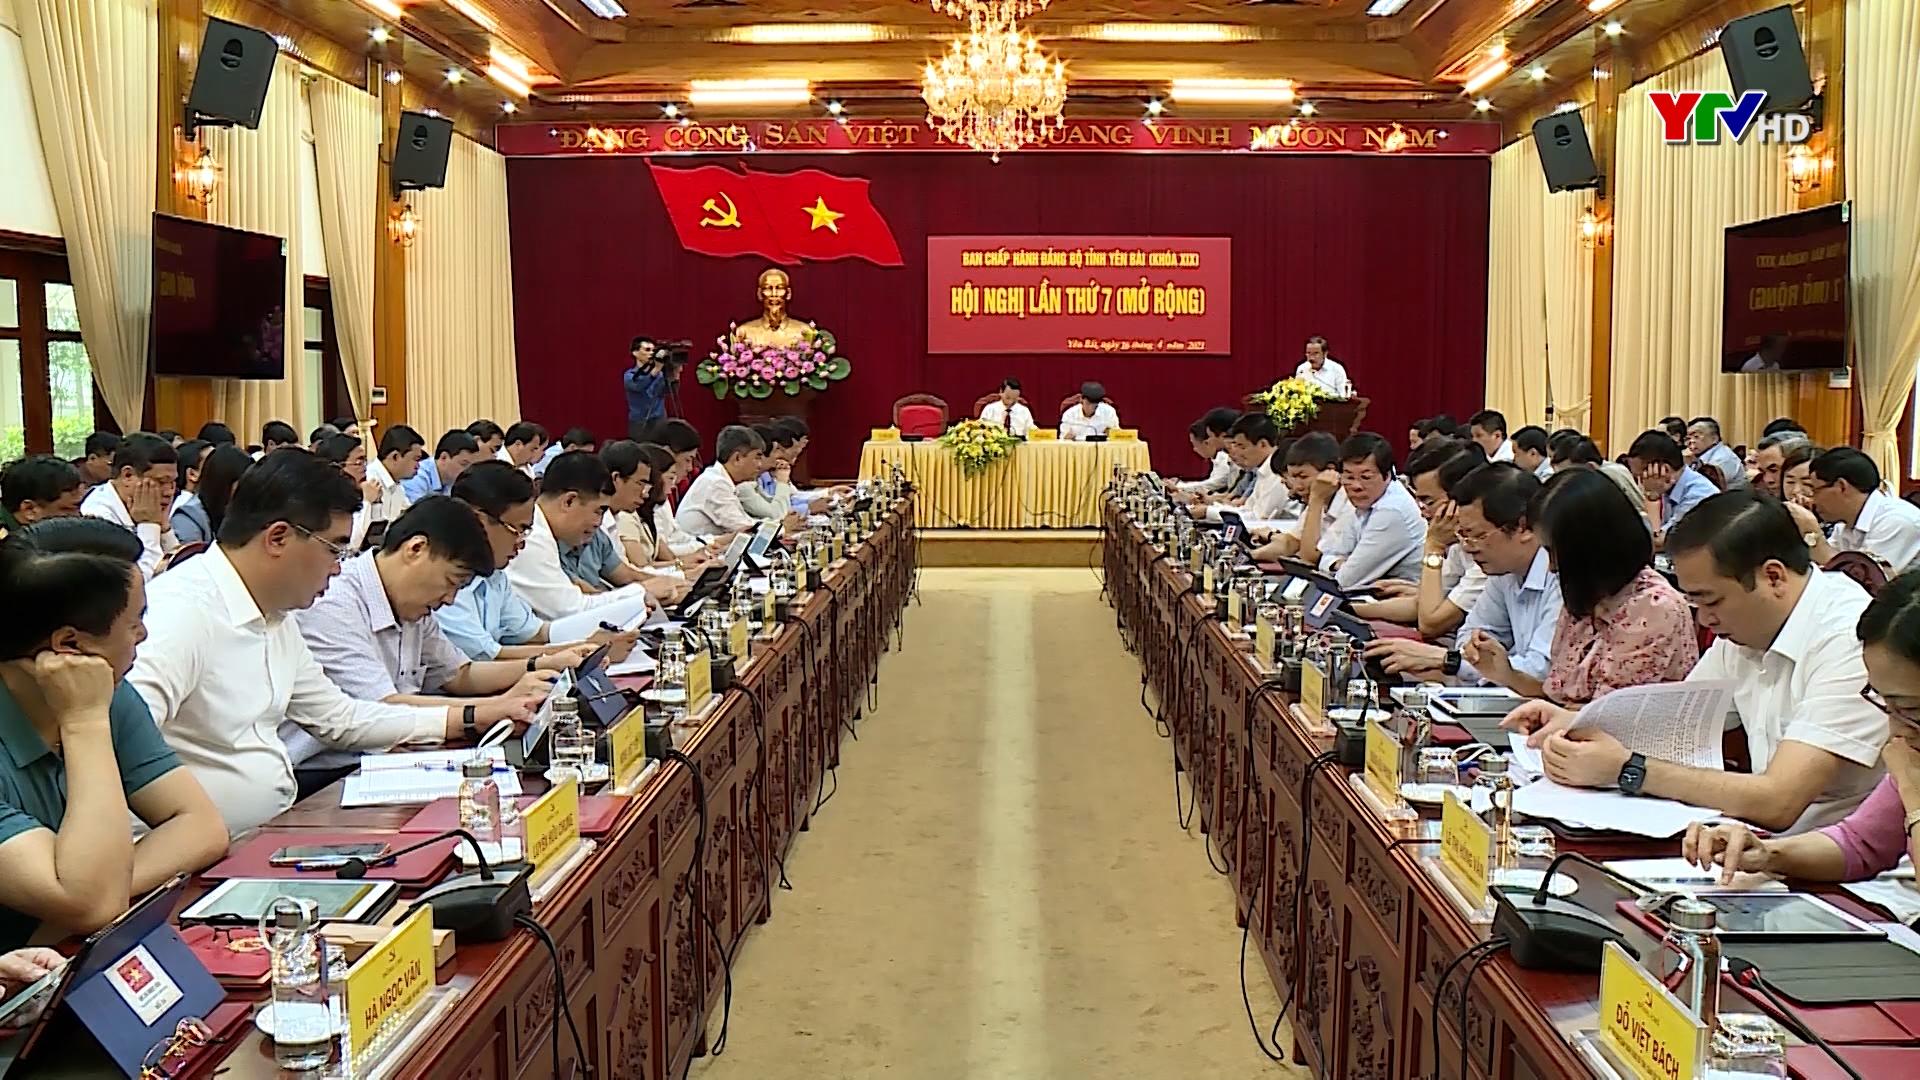 Hội nghị lần thứ 7 - Ban Chấp hành Đảng bộ tỉnh khóa XIX